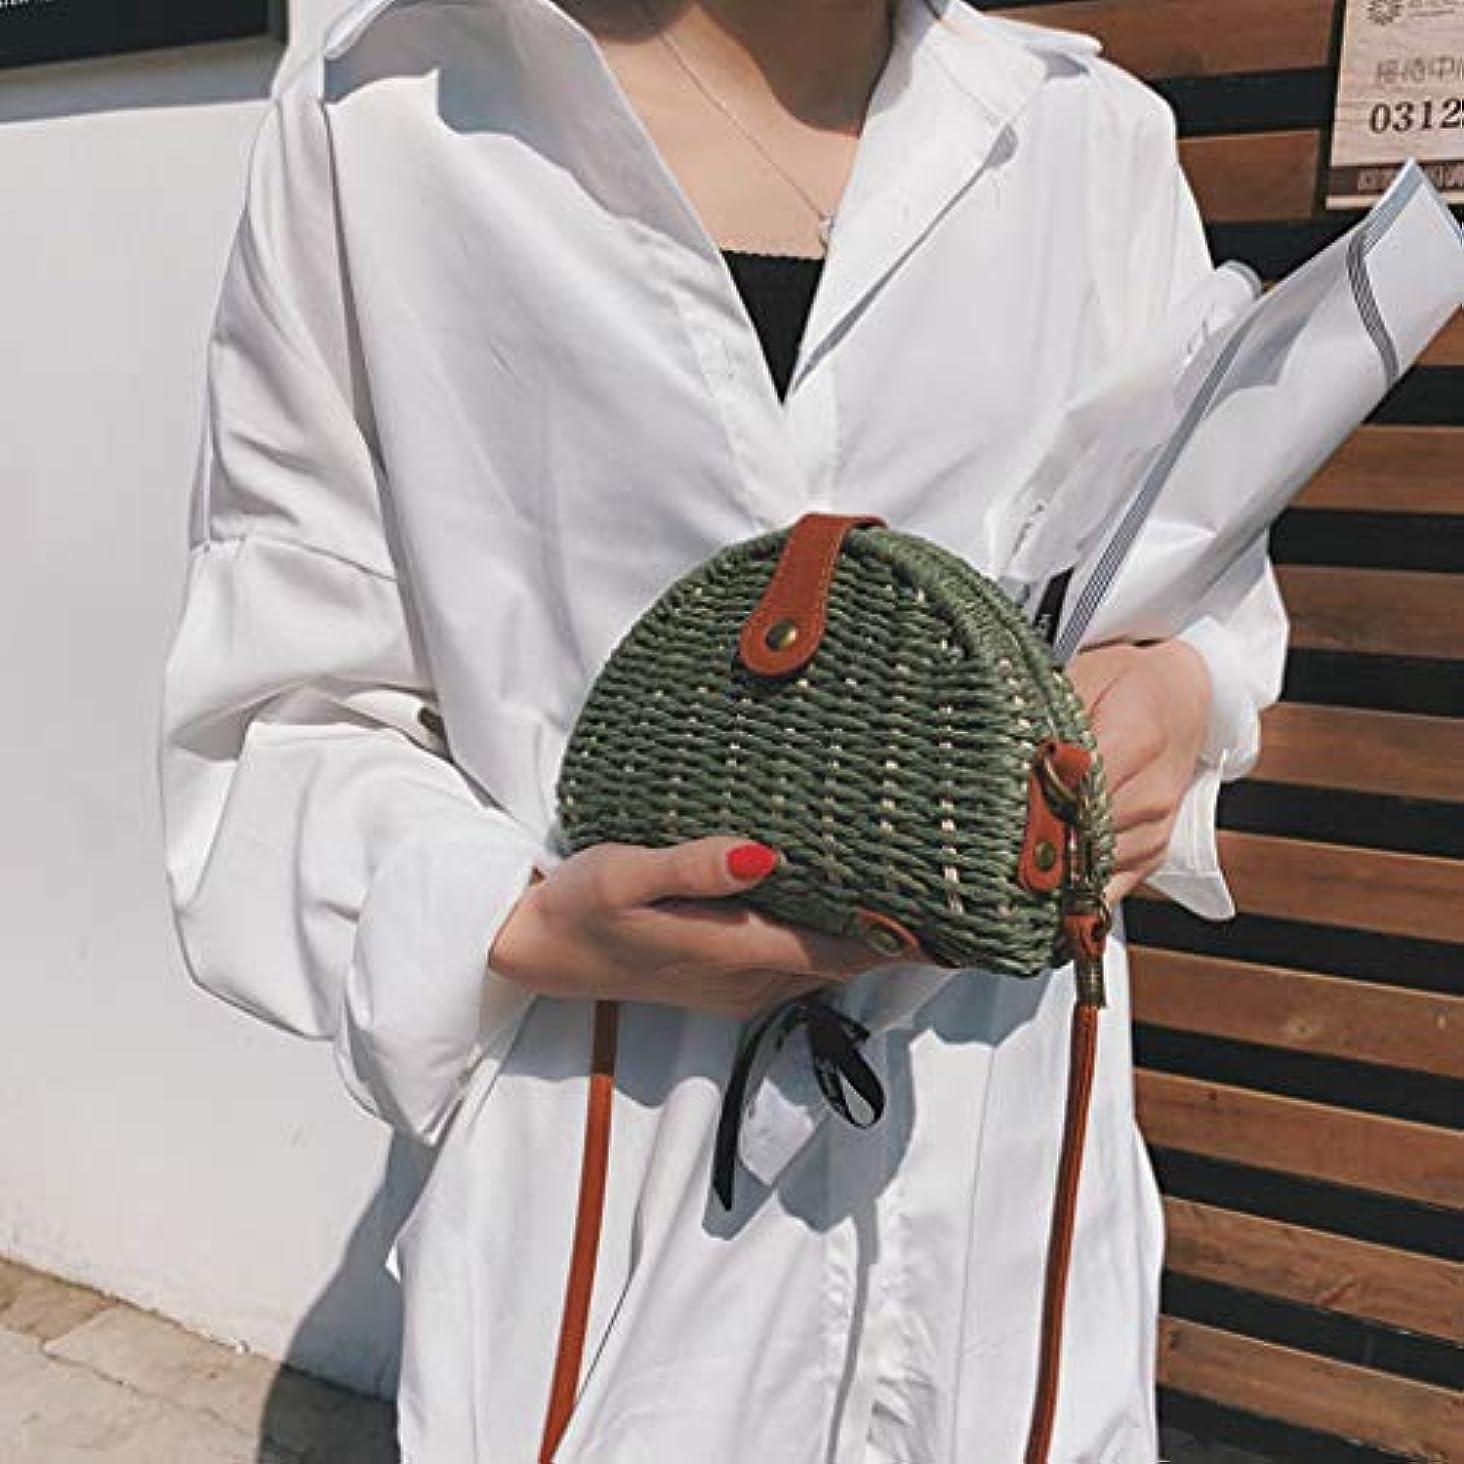 運賃退化する木材女性ミニ織りビーチショルダーバッグレディースボヘミアンスタイルレジャーハンドバッグ、女性のミニ織クロスボディバッグ、レディースミニファッションビーチスタイルクロスボディバッグ (緑)